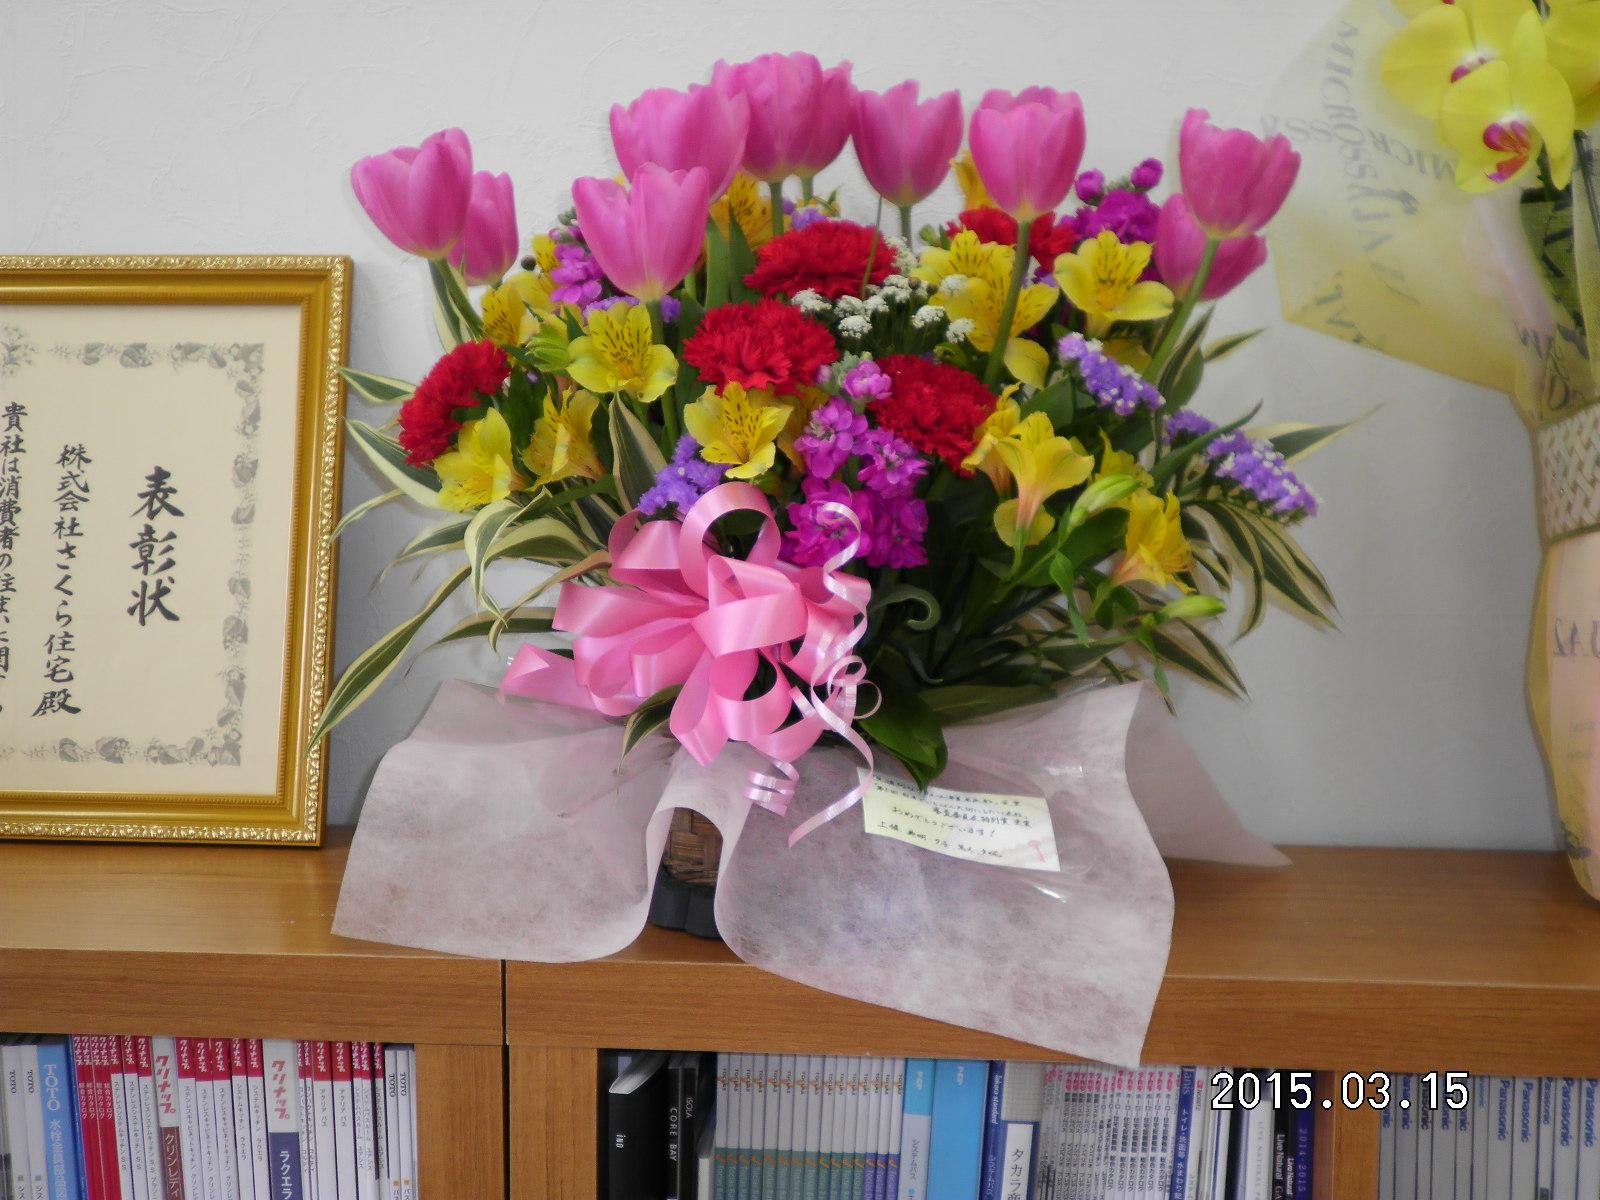 たくさんのお祝いのお花_e0190287_1322164.jpg